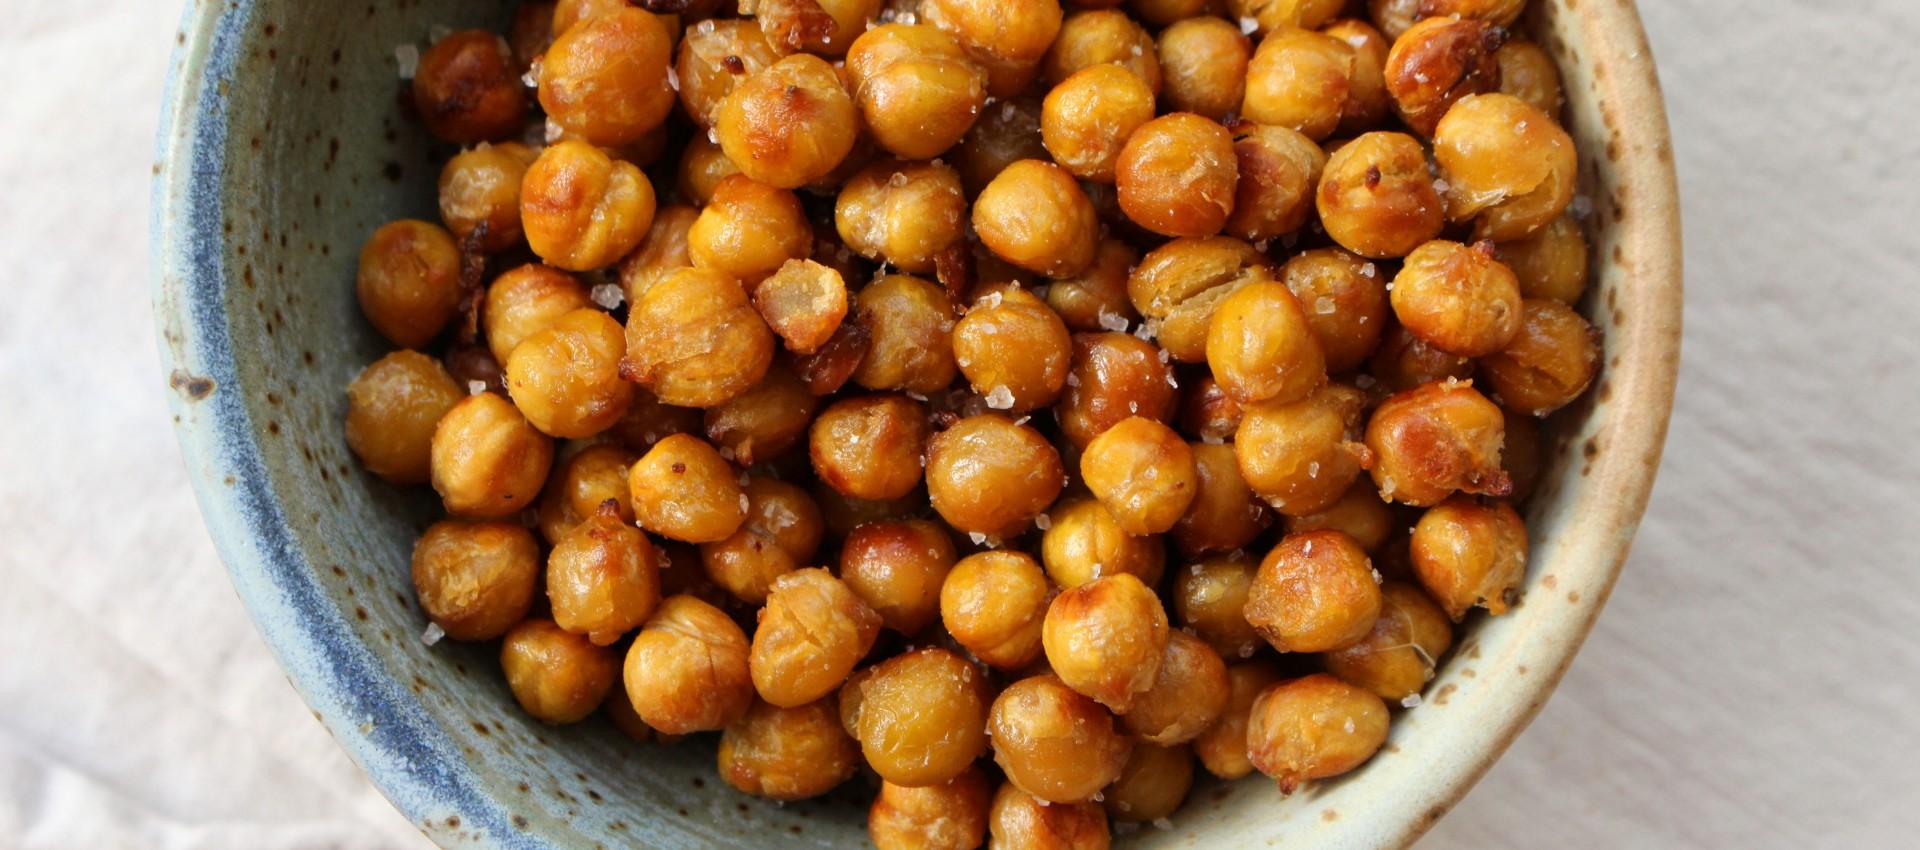 Miso roasted chickpeas 1